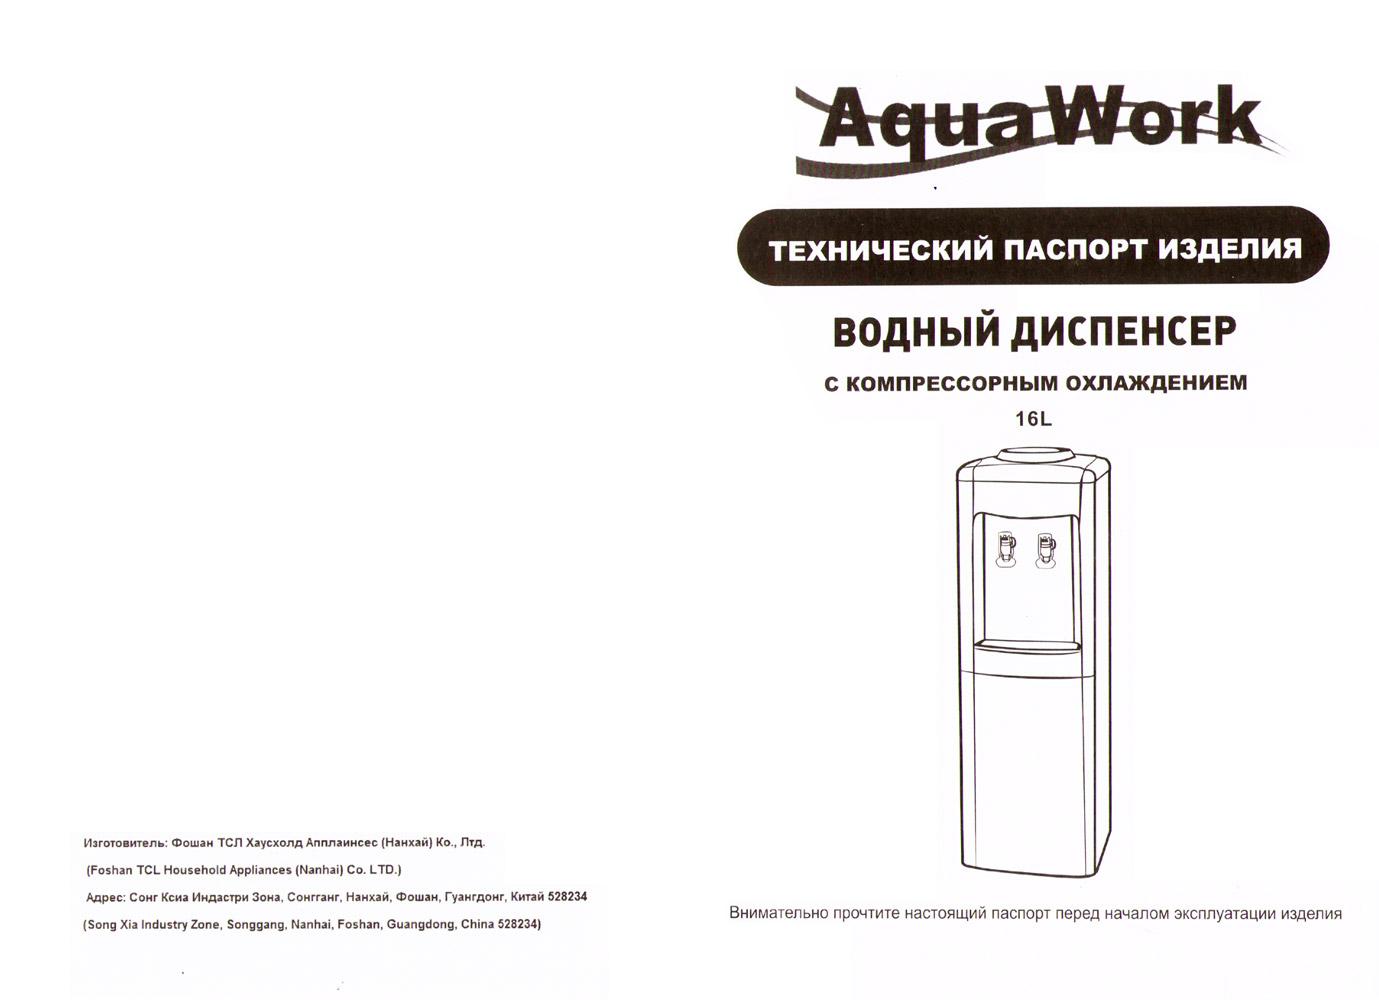 кулер Aqua Work 16-L паспорт